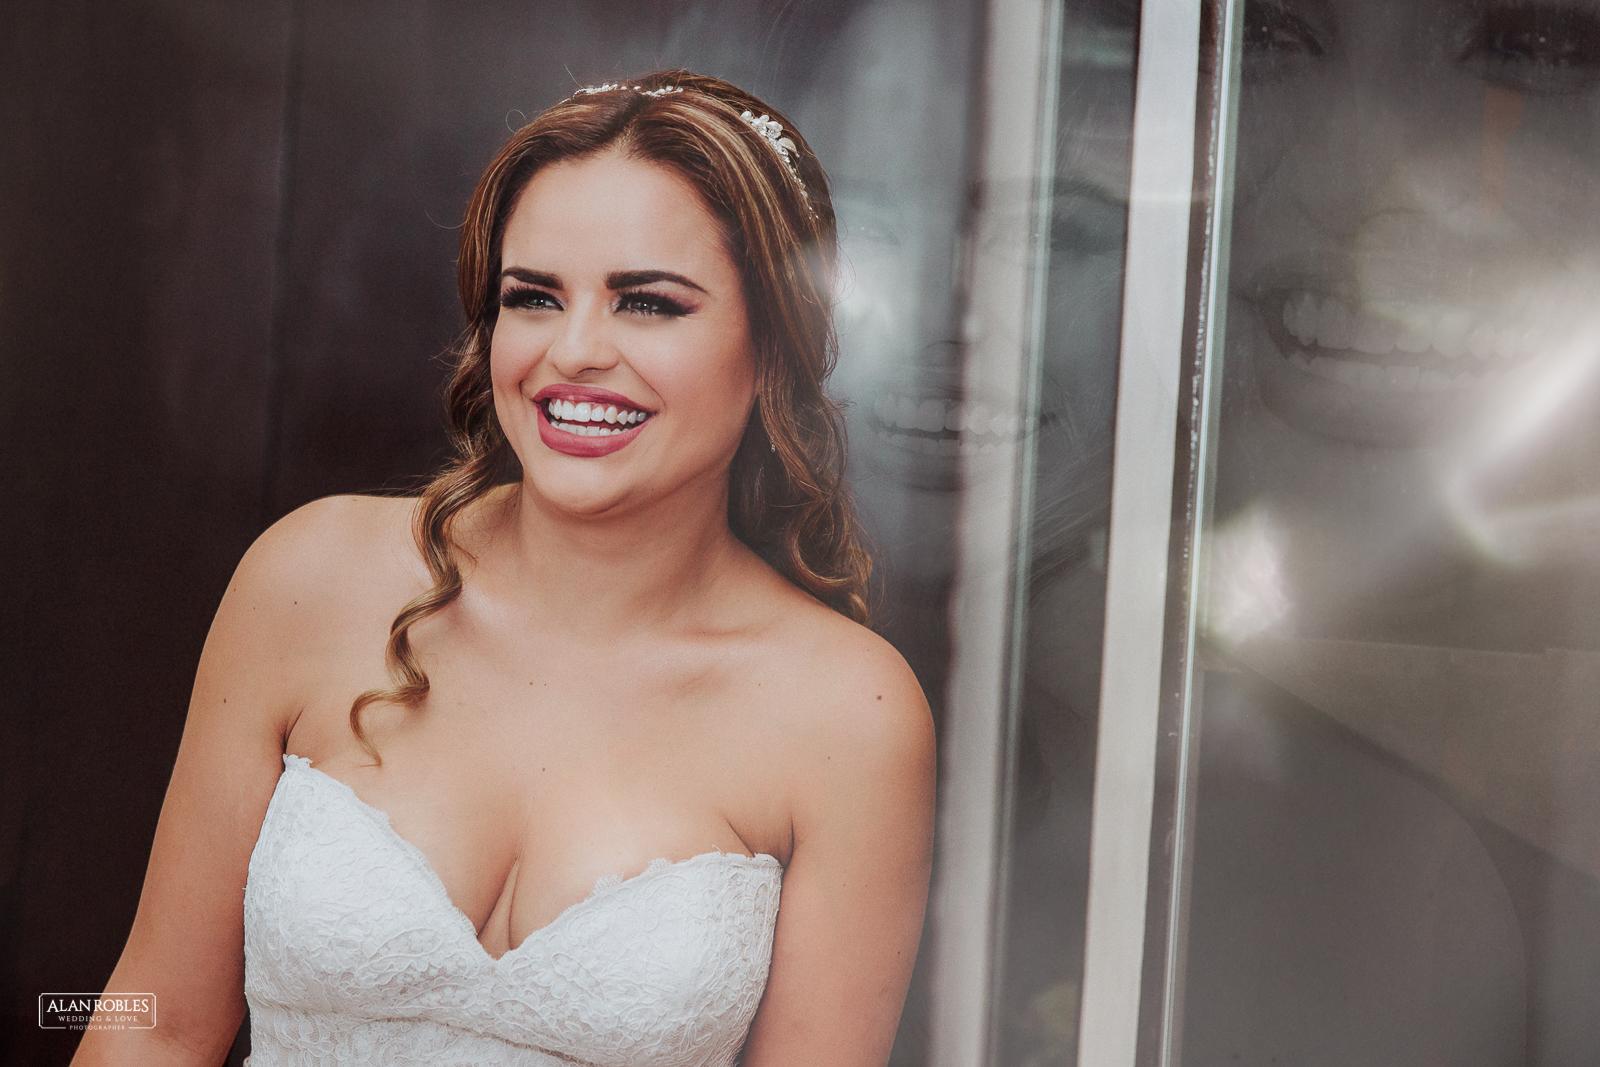 Fotografo de Bodas en Guadalara Alan Robles - Boda en Tlaquepaque Centro historico - Getting Ready Bride